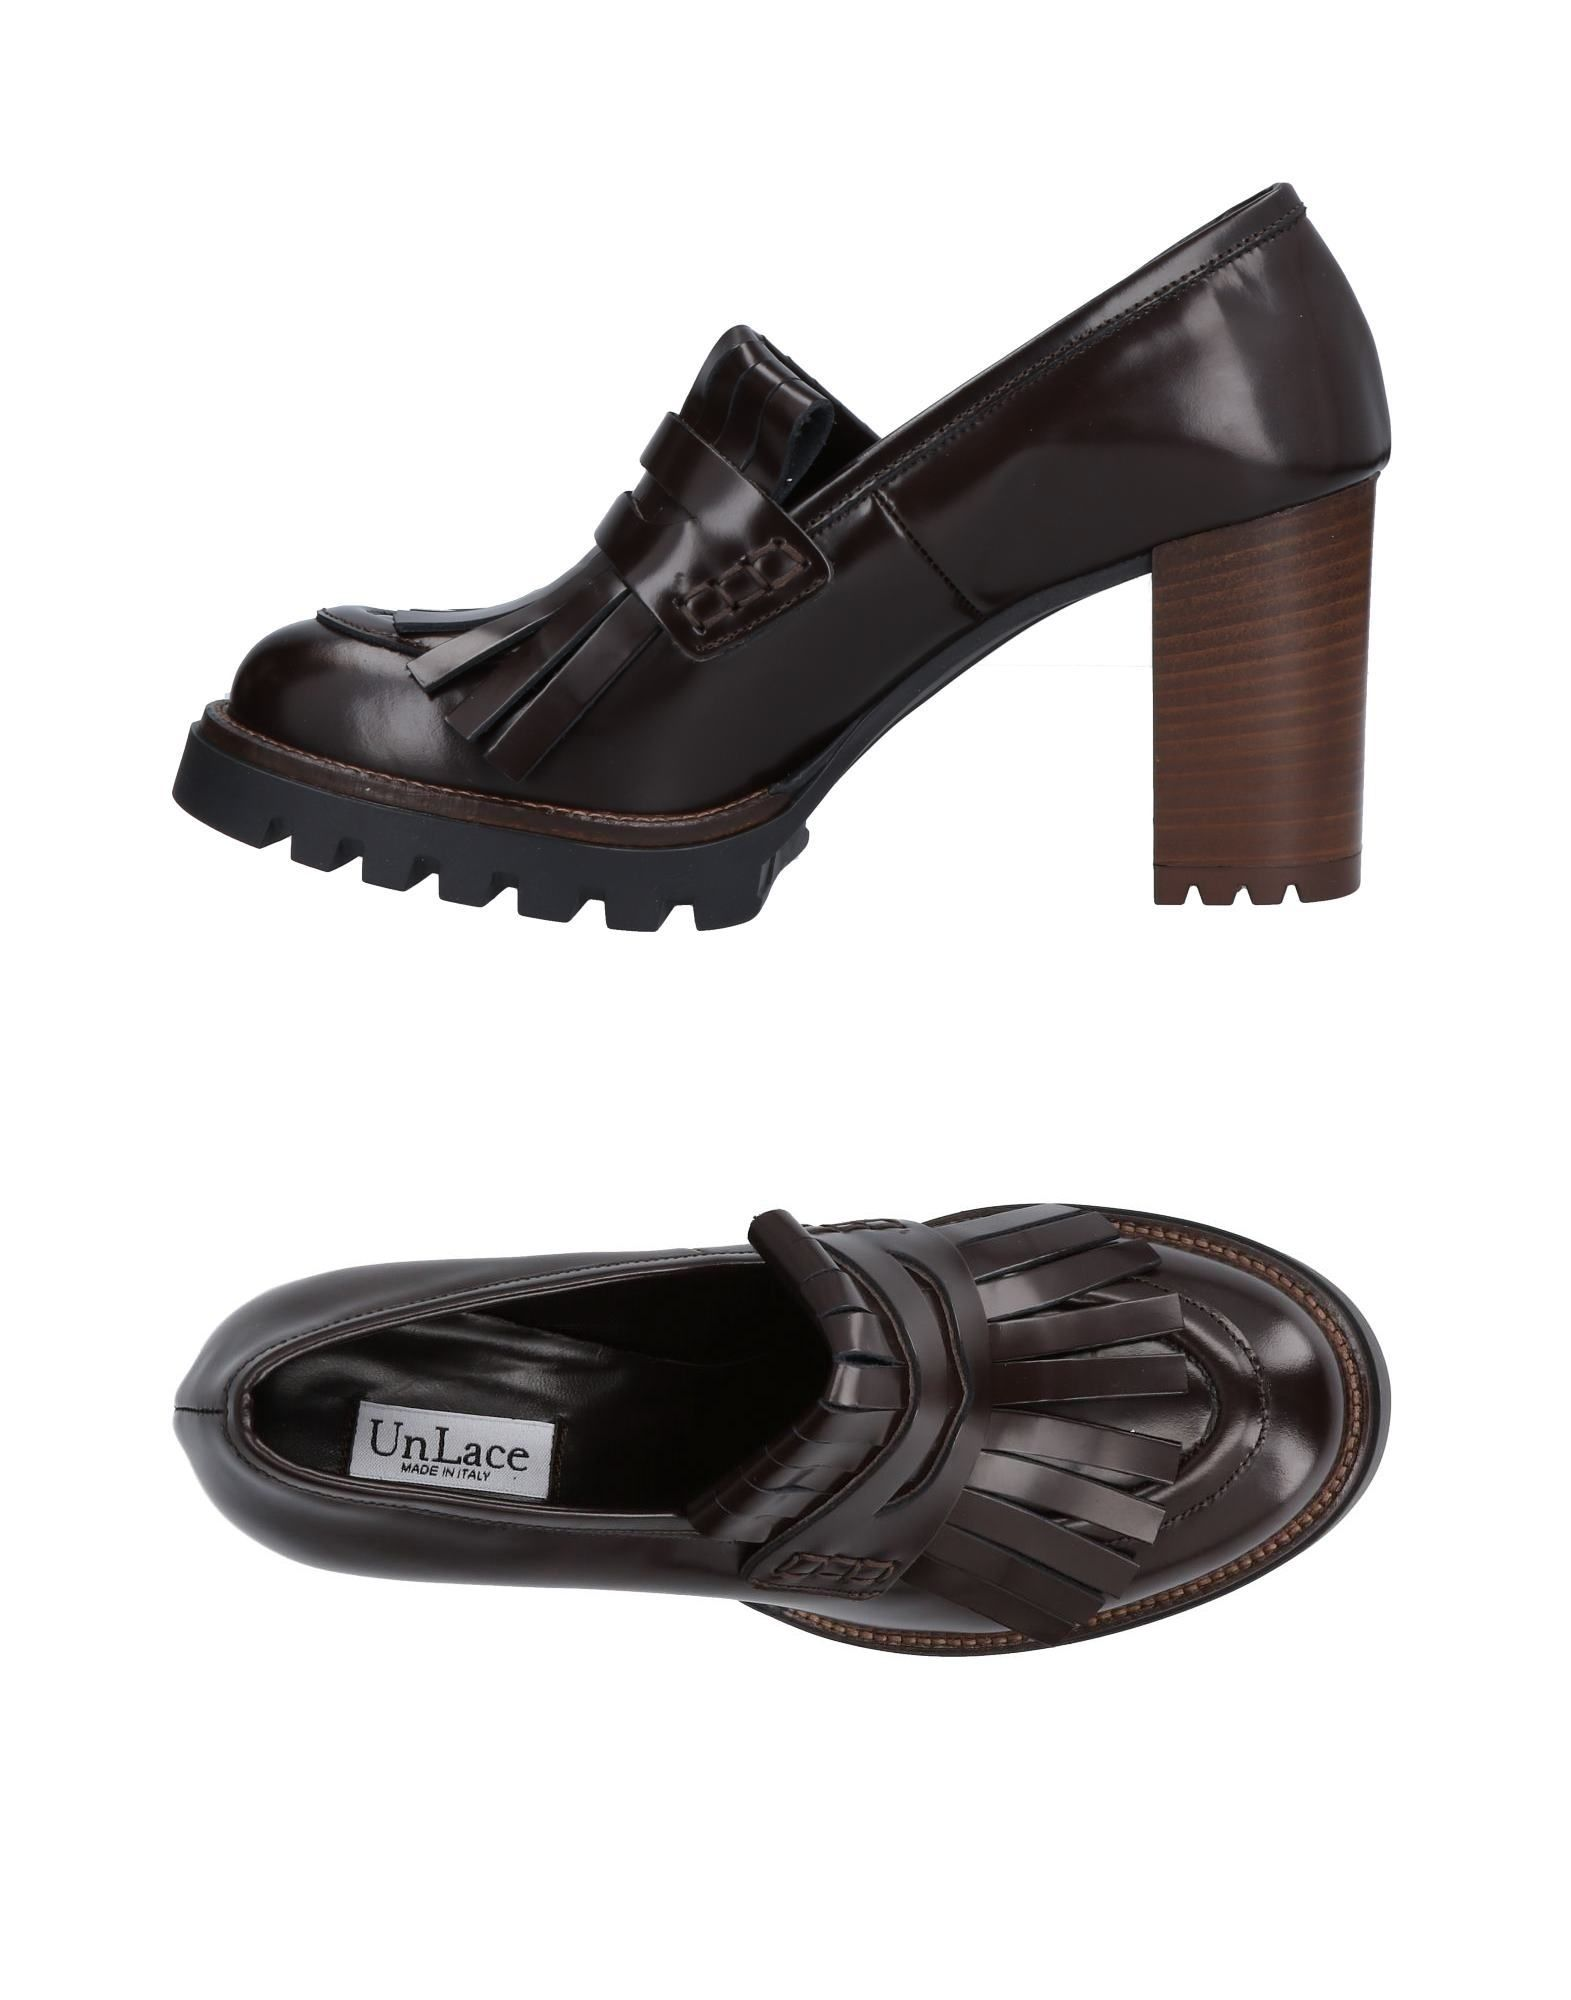 Unlace Mokassins Gute Damen  11471131WV Gute Mokassins Qualität beliebte Schuhe 47ab9d